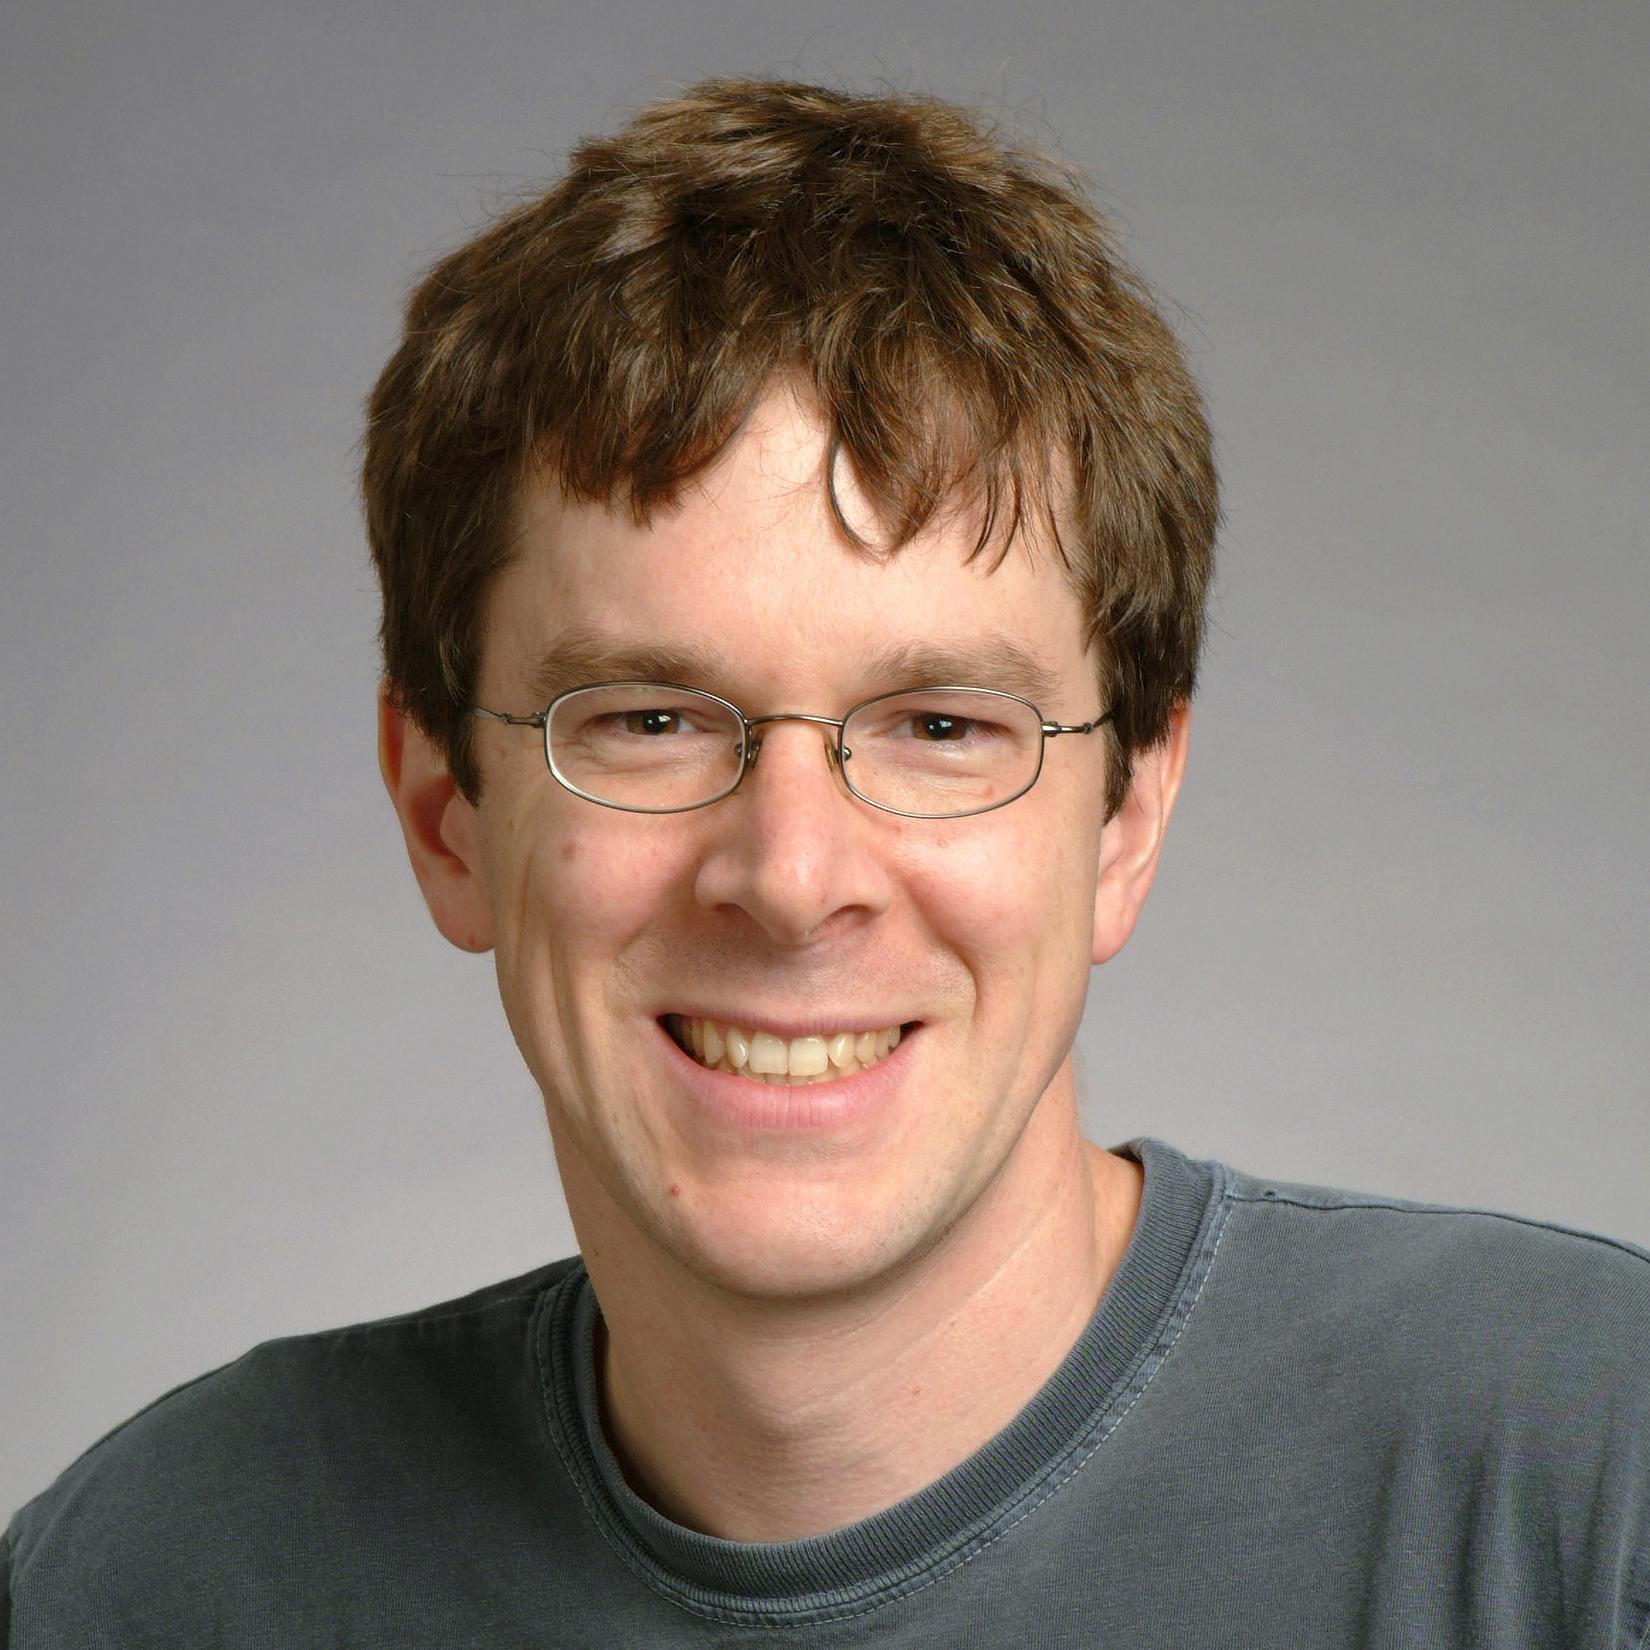 Robert Morris, người thả loại sâu máy tính gây nghẽn mạng internet đầu tiên trên thế giới, hiện đang làm việc tại MIT. Ảnh: MIT.